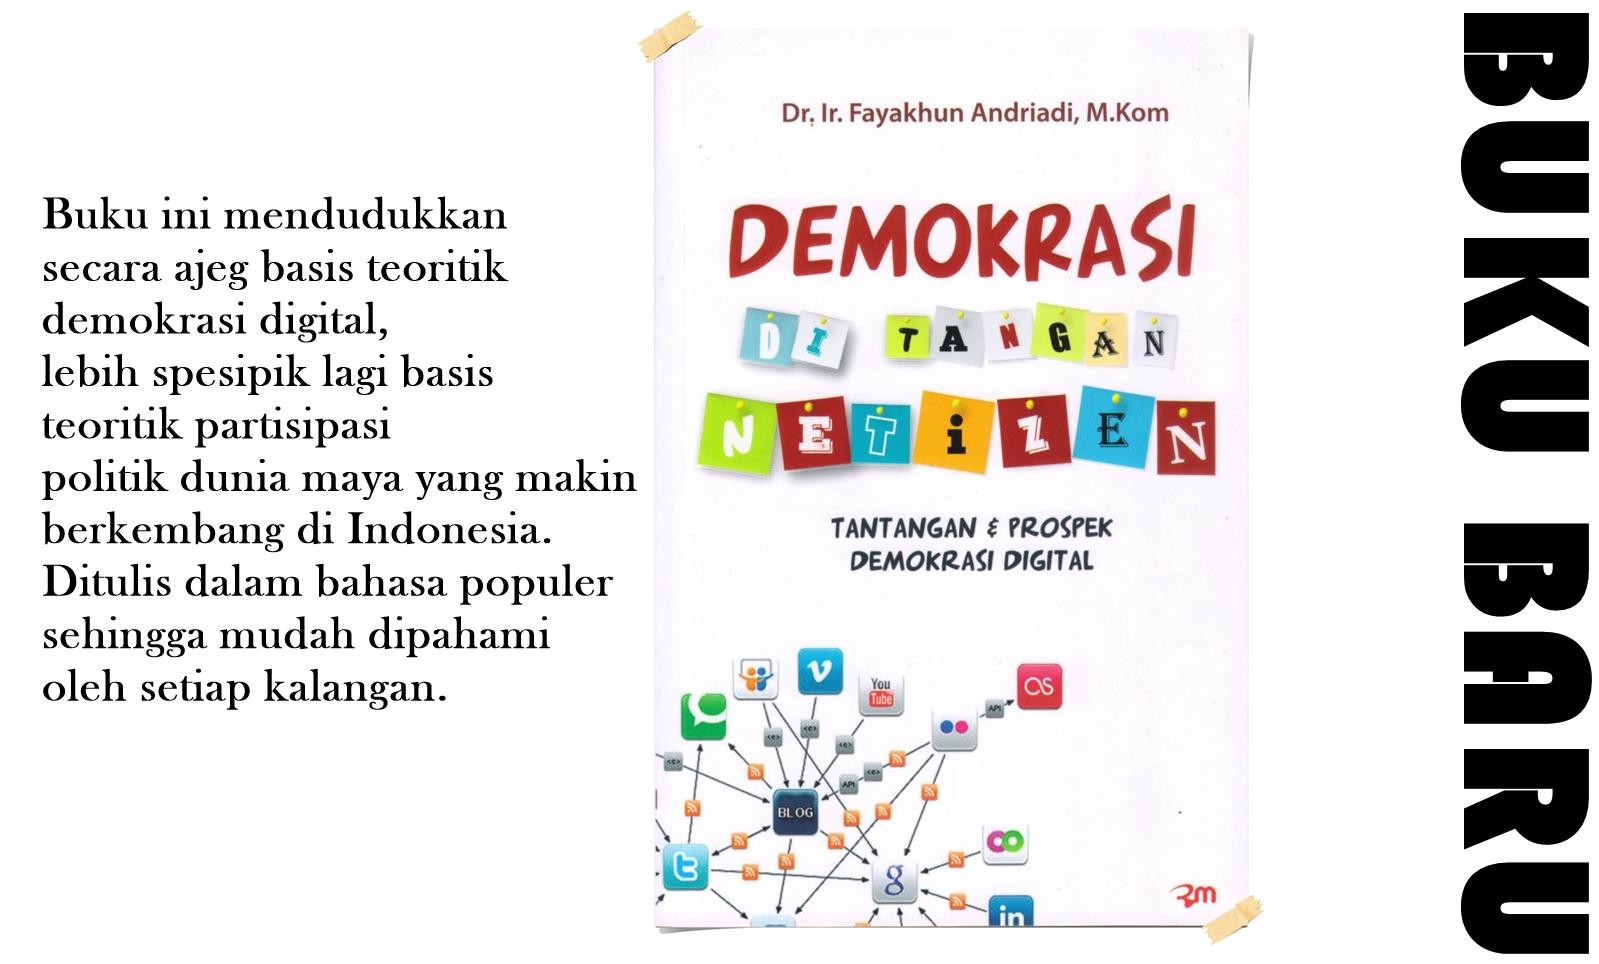 Demokrasi Di Tangan Netizen (Tantangan dan Prospek Demokrasi Digital)